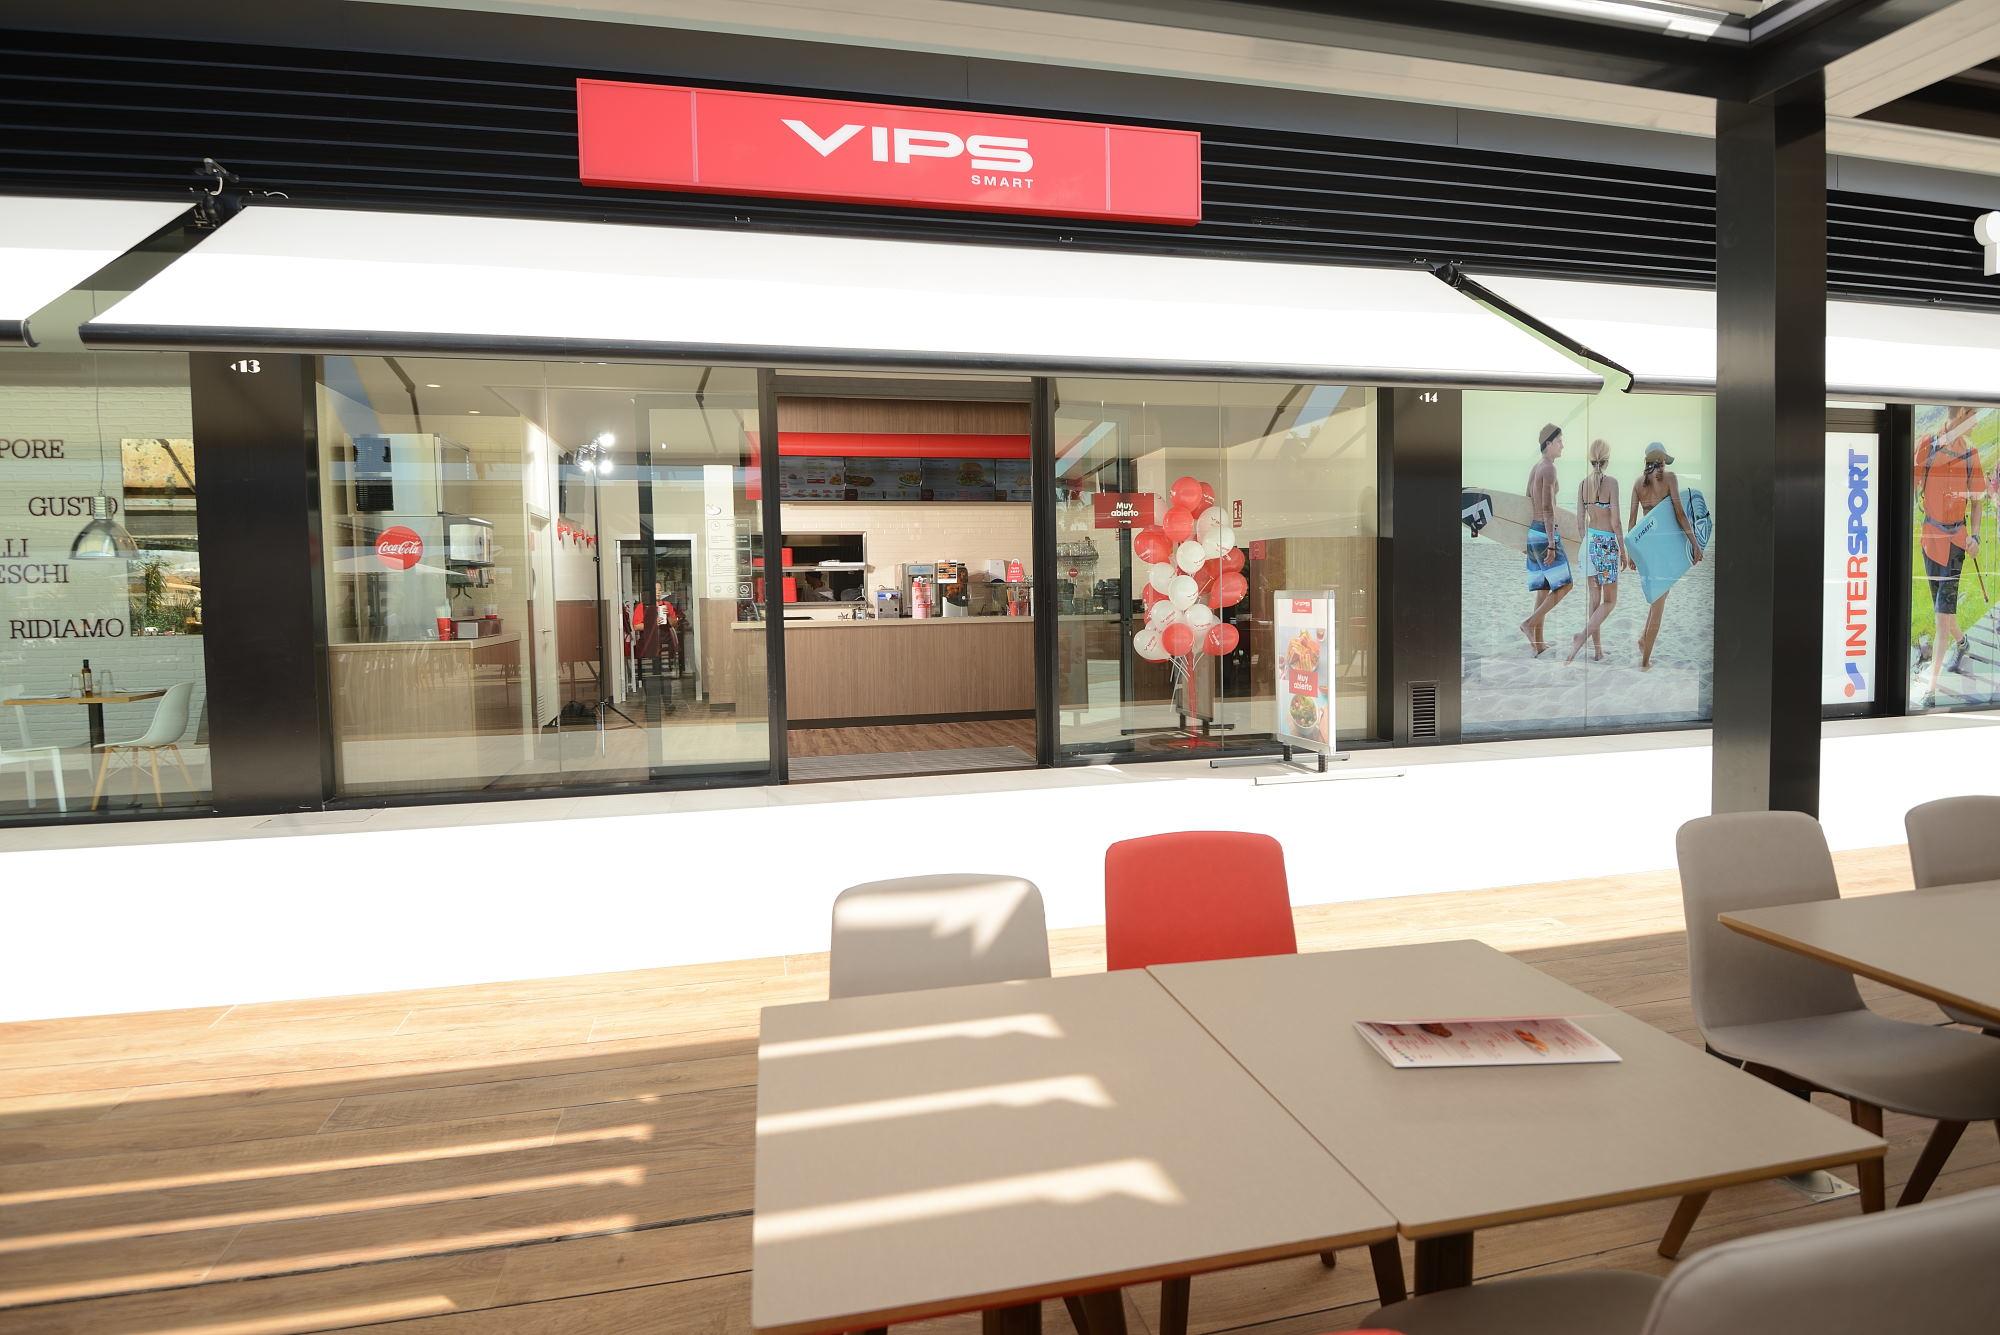 Ginos, VIPS Smart y Starbucks abren sus puertas en Parque Santiago 6